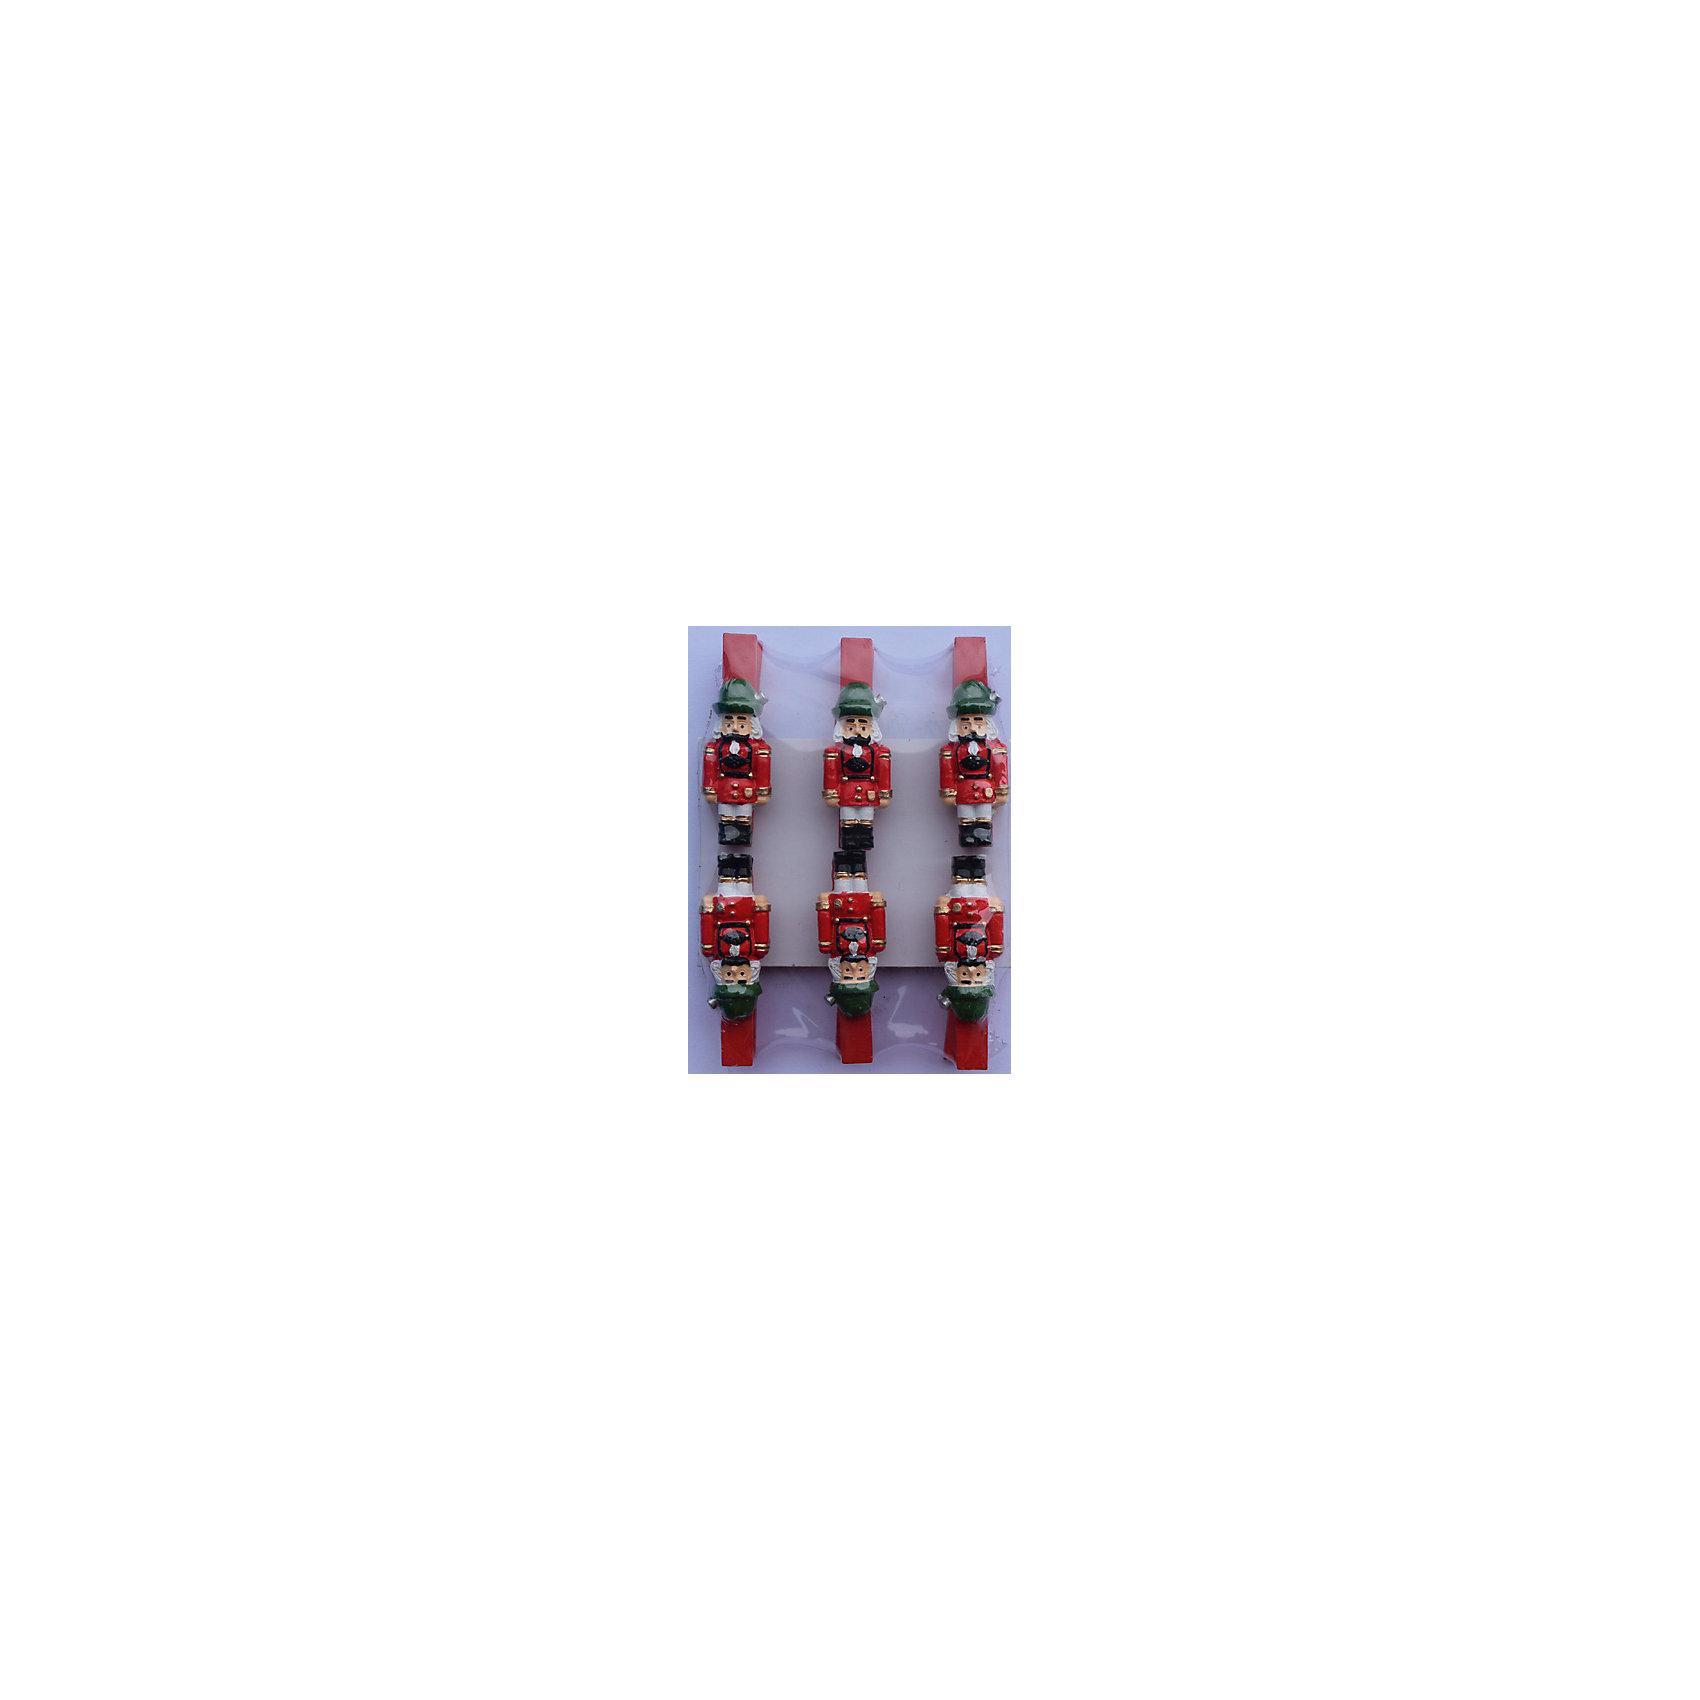 Набор прищепок Щелкунчик 6 штВсё для праздника<br>Приближение Нового года не может не радовать! Праздничное настроение создает в первую очередь украшенный дом и, особенно, наряженная ёлка. Будь она из леса или искусственная - такие подвесные игрушки украсят любую!<br>Они сделаны из безопасного для детей, прочного, но легкого, материала, поэтому не разобьются, упав на пол. На украшениях есть прищепка, чтобы их можно было крепить на ёлку. Благодаря расцветке украшение отлично смотрится на ёлке. Создайте с ним праздничное настроение себе и близким!<br><br>Дополнительная информация:<br><br>размер: 8 х 9 х 2 см;<br>материал: полирезина;<br>комплектация: 6 шт.<br><br>Набор прищепок Щелкунчик 6 шт можно купить в нашем магазине.<br><br>Ширина мм: 150<br>Глубина мм: 150<br>Высота мм: 60<br>Вес г: 42<br>Возраст от месяцев: 36<br>Возраст до месяцев: 2147483647<br>Пол: Унисекс<br>Возраст: Детский<br>SKU: 4981664